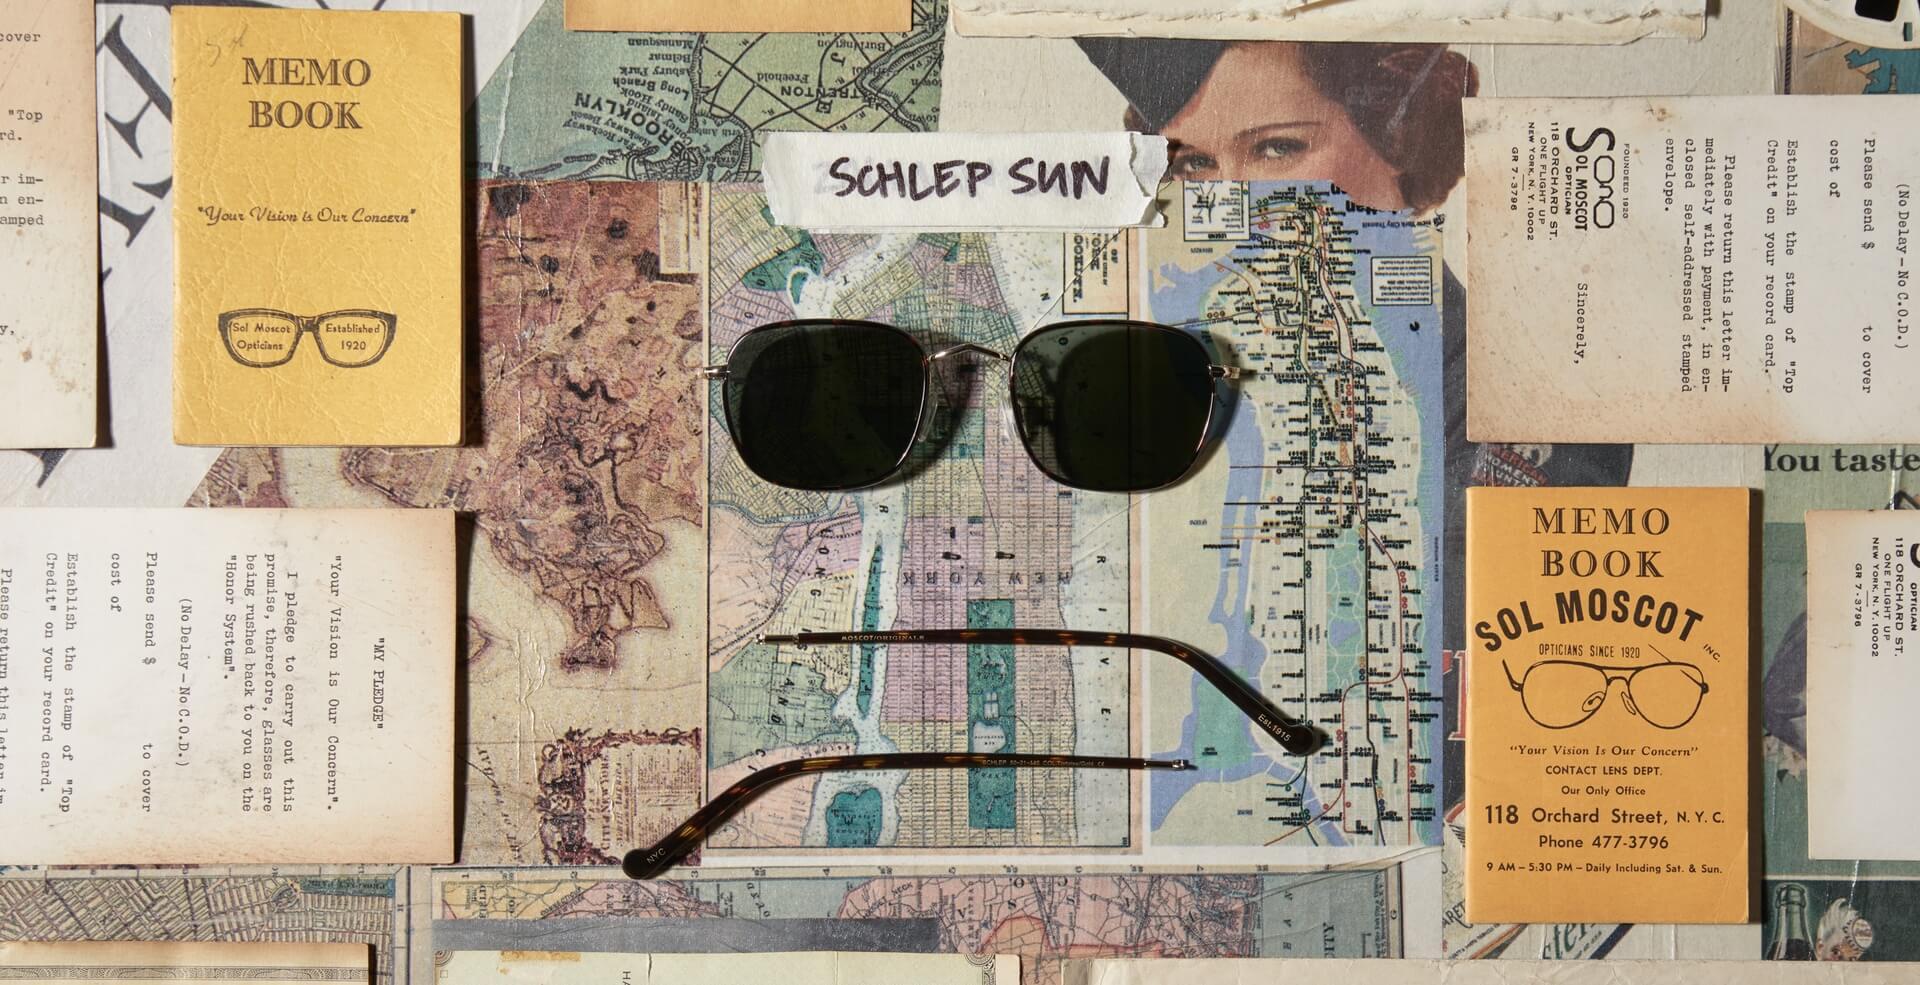 SCHLEP SUN